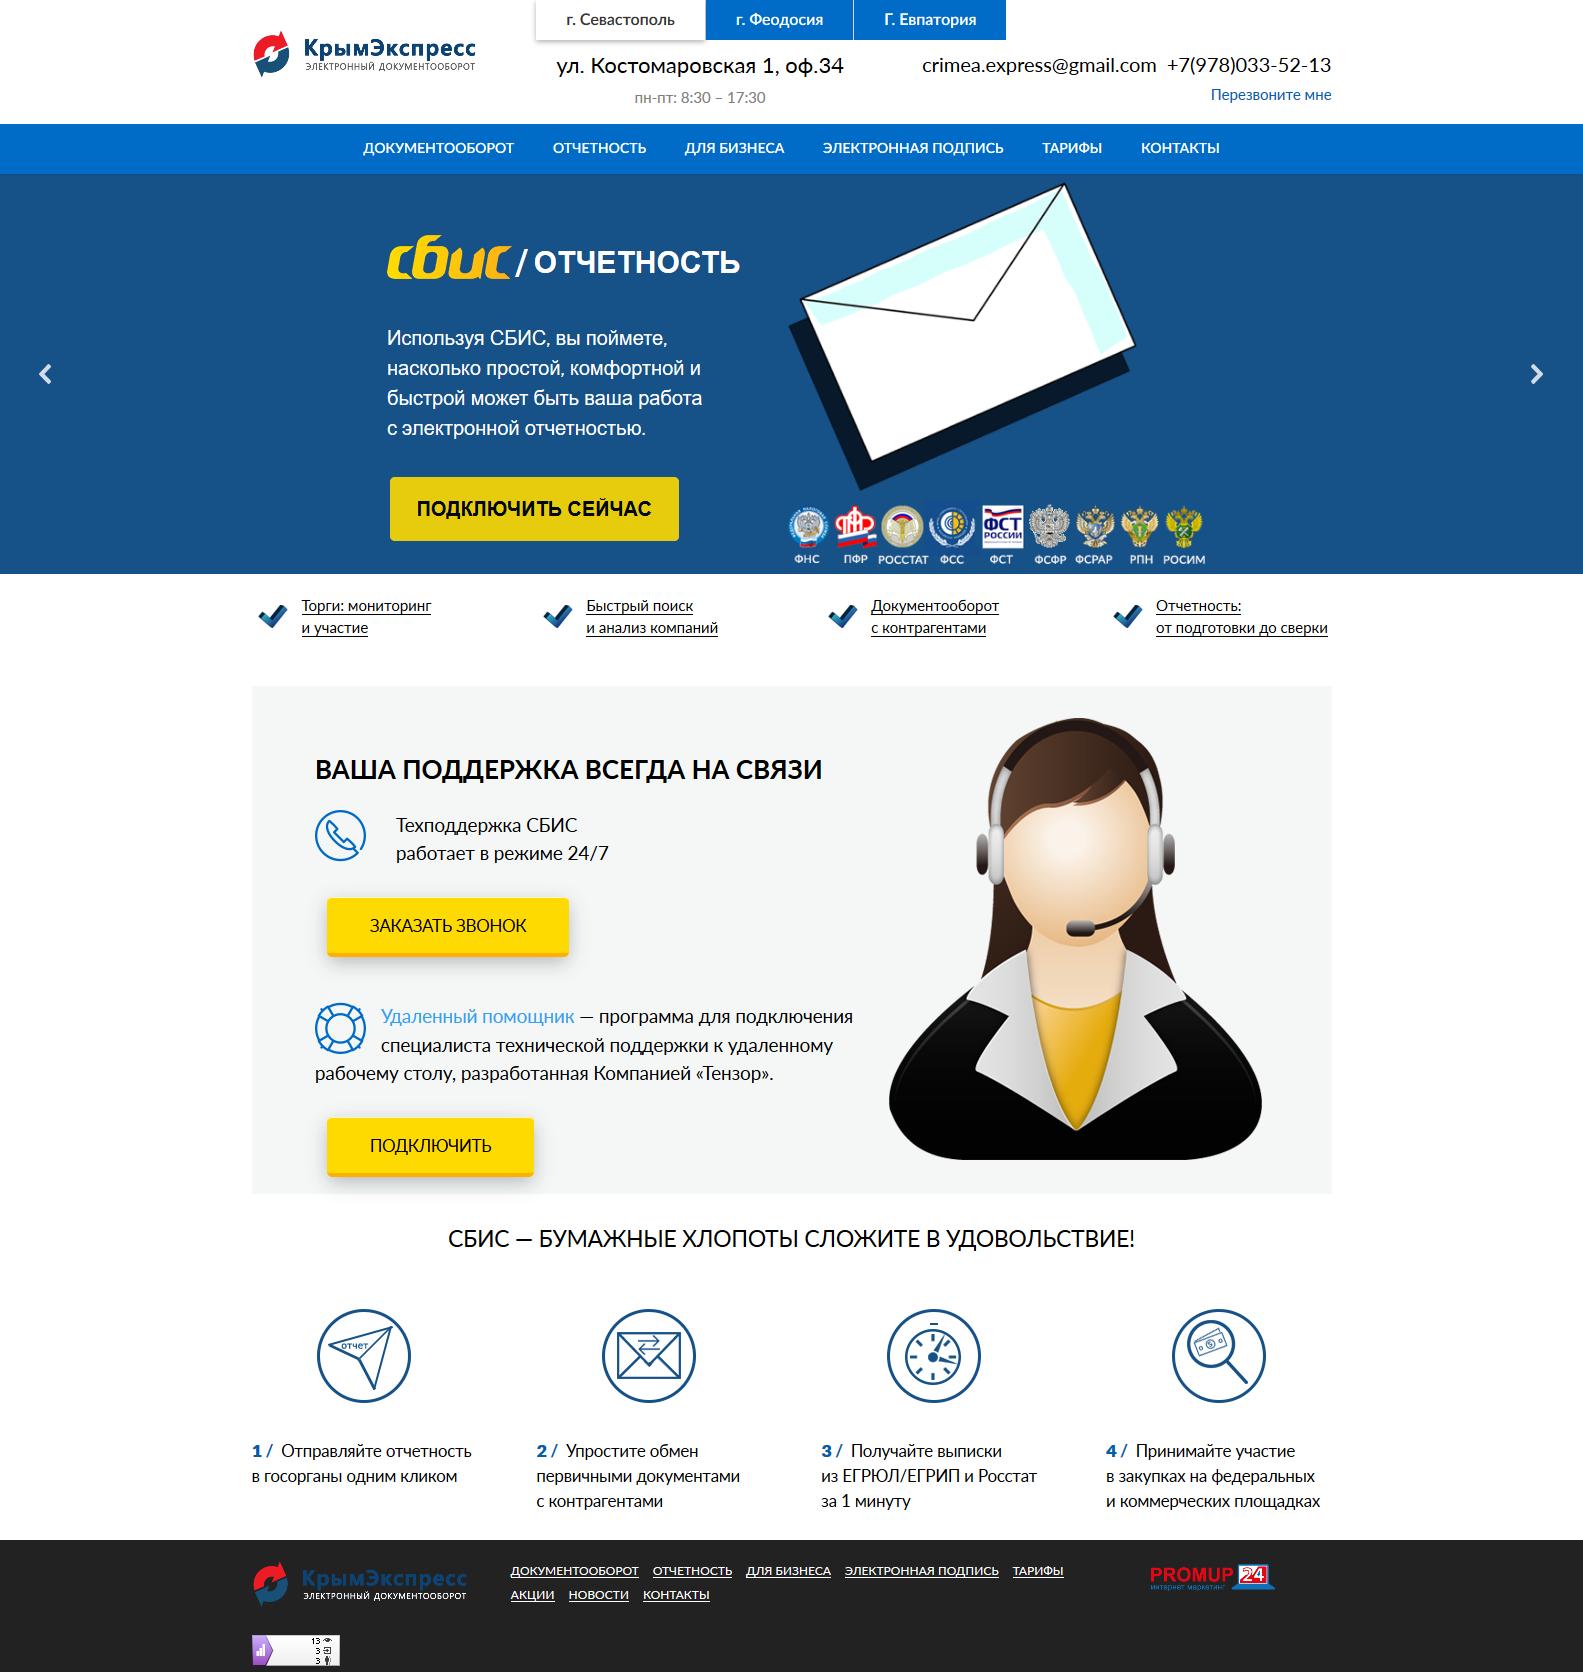 Корпоративный сайт: КрымЭкспресс